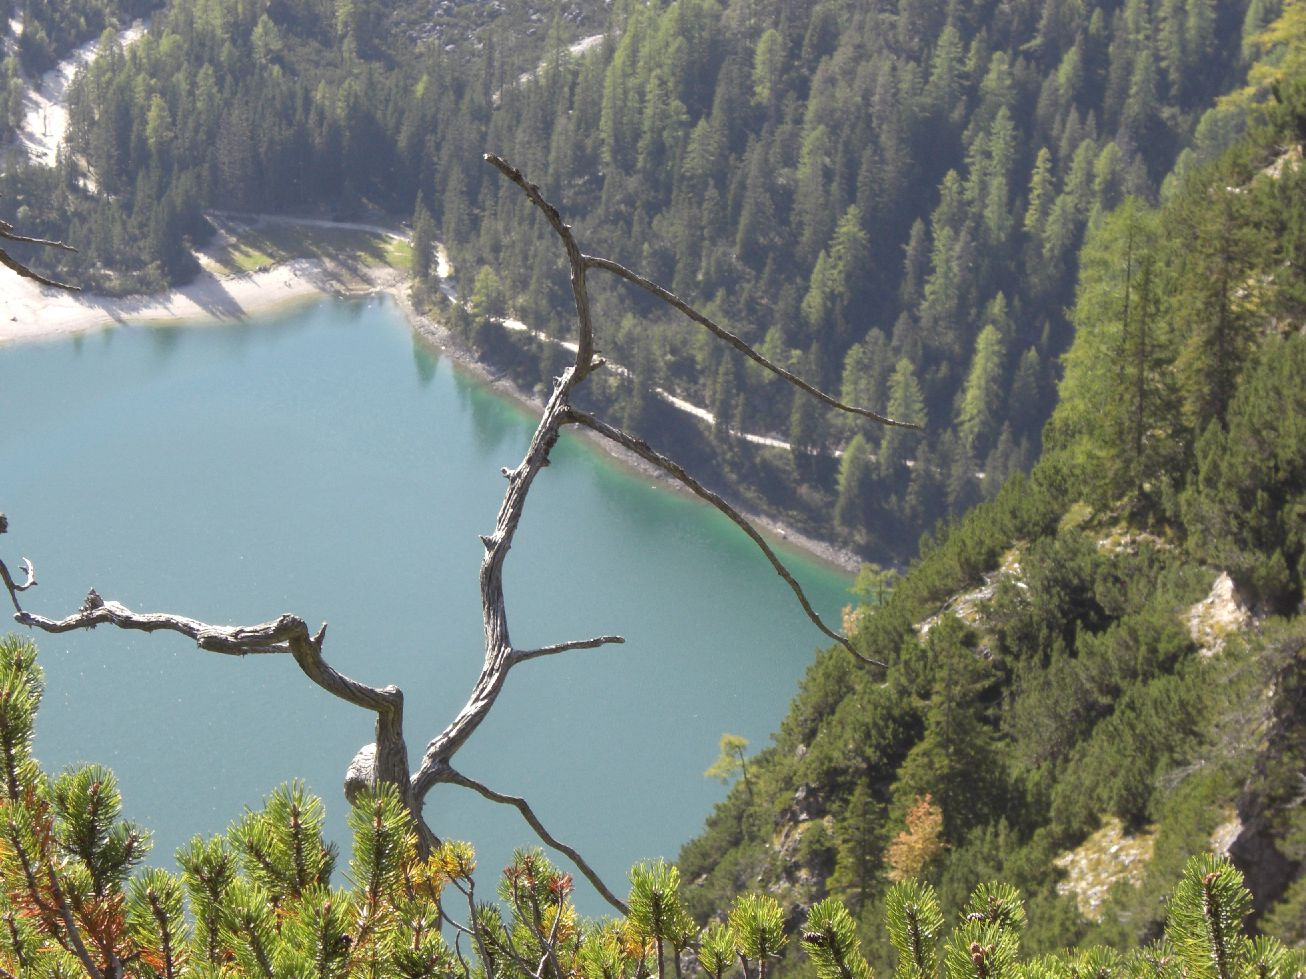 Wanderung zum Herrstein, Pragser Wildsee von oben